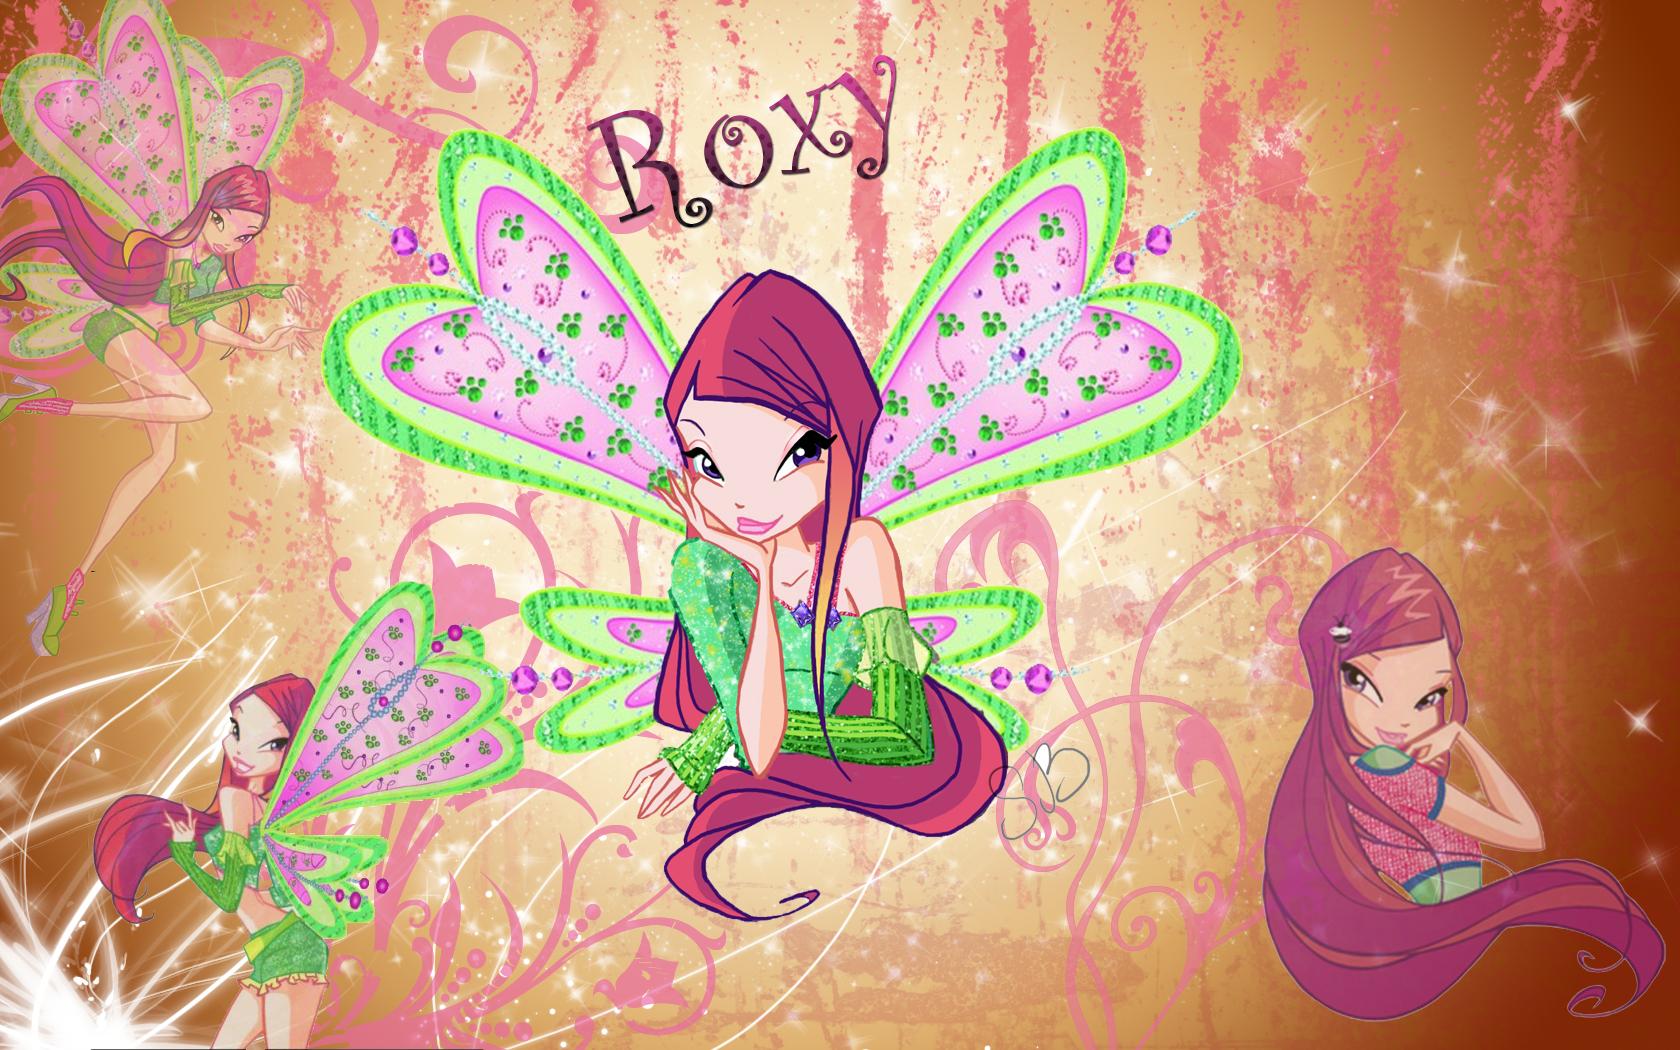 roxy wallpaper by fantazymejpg 1680x1050